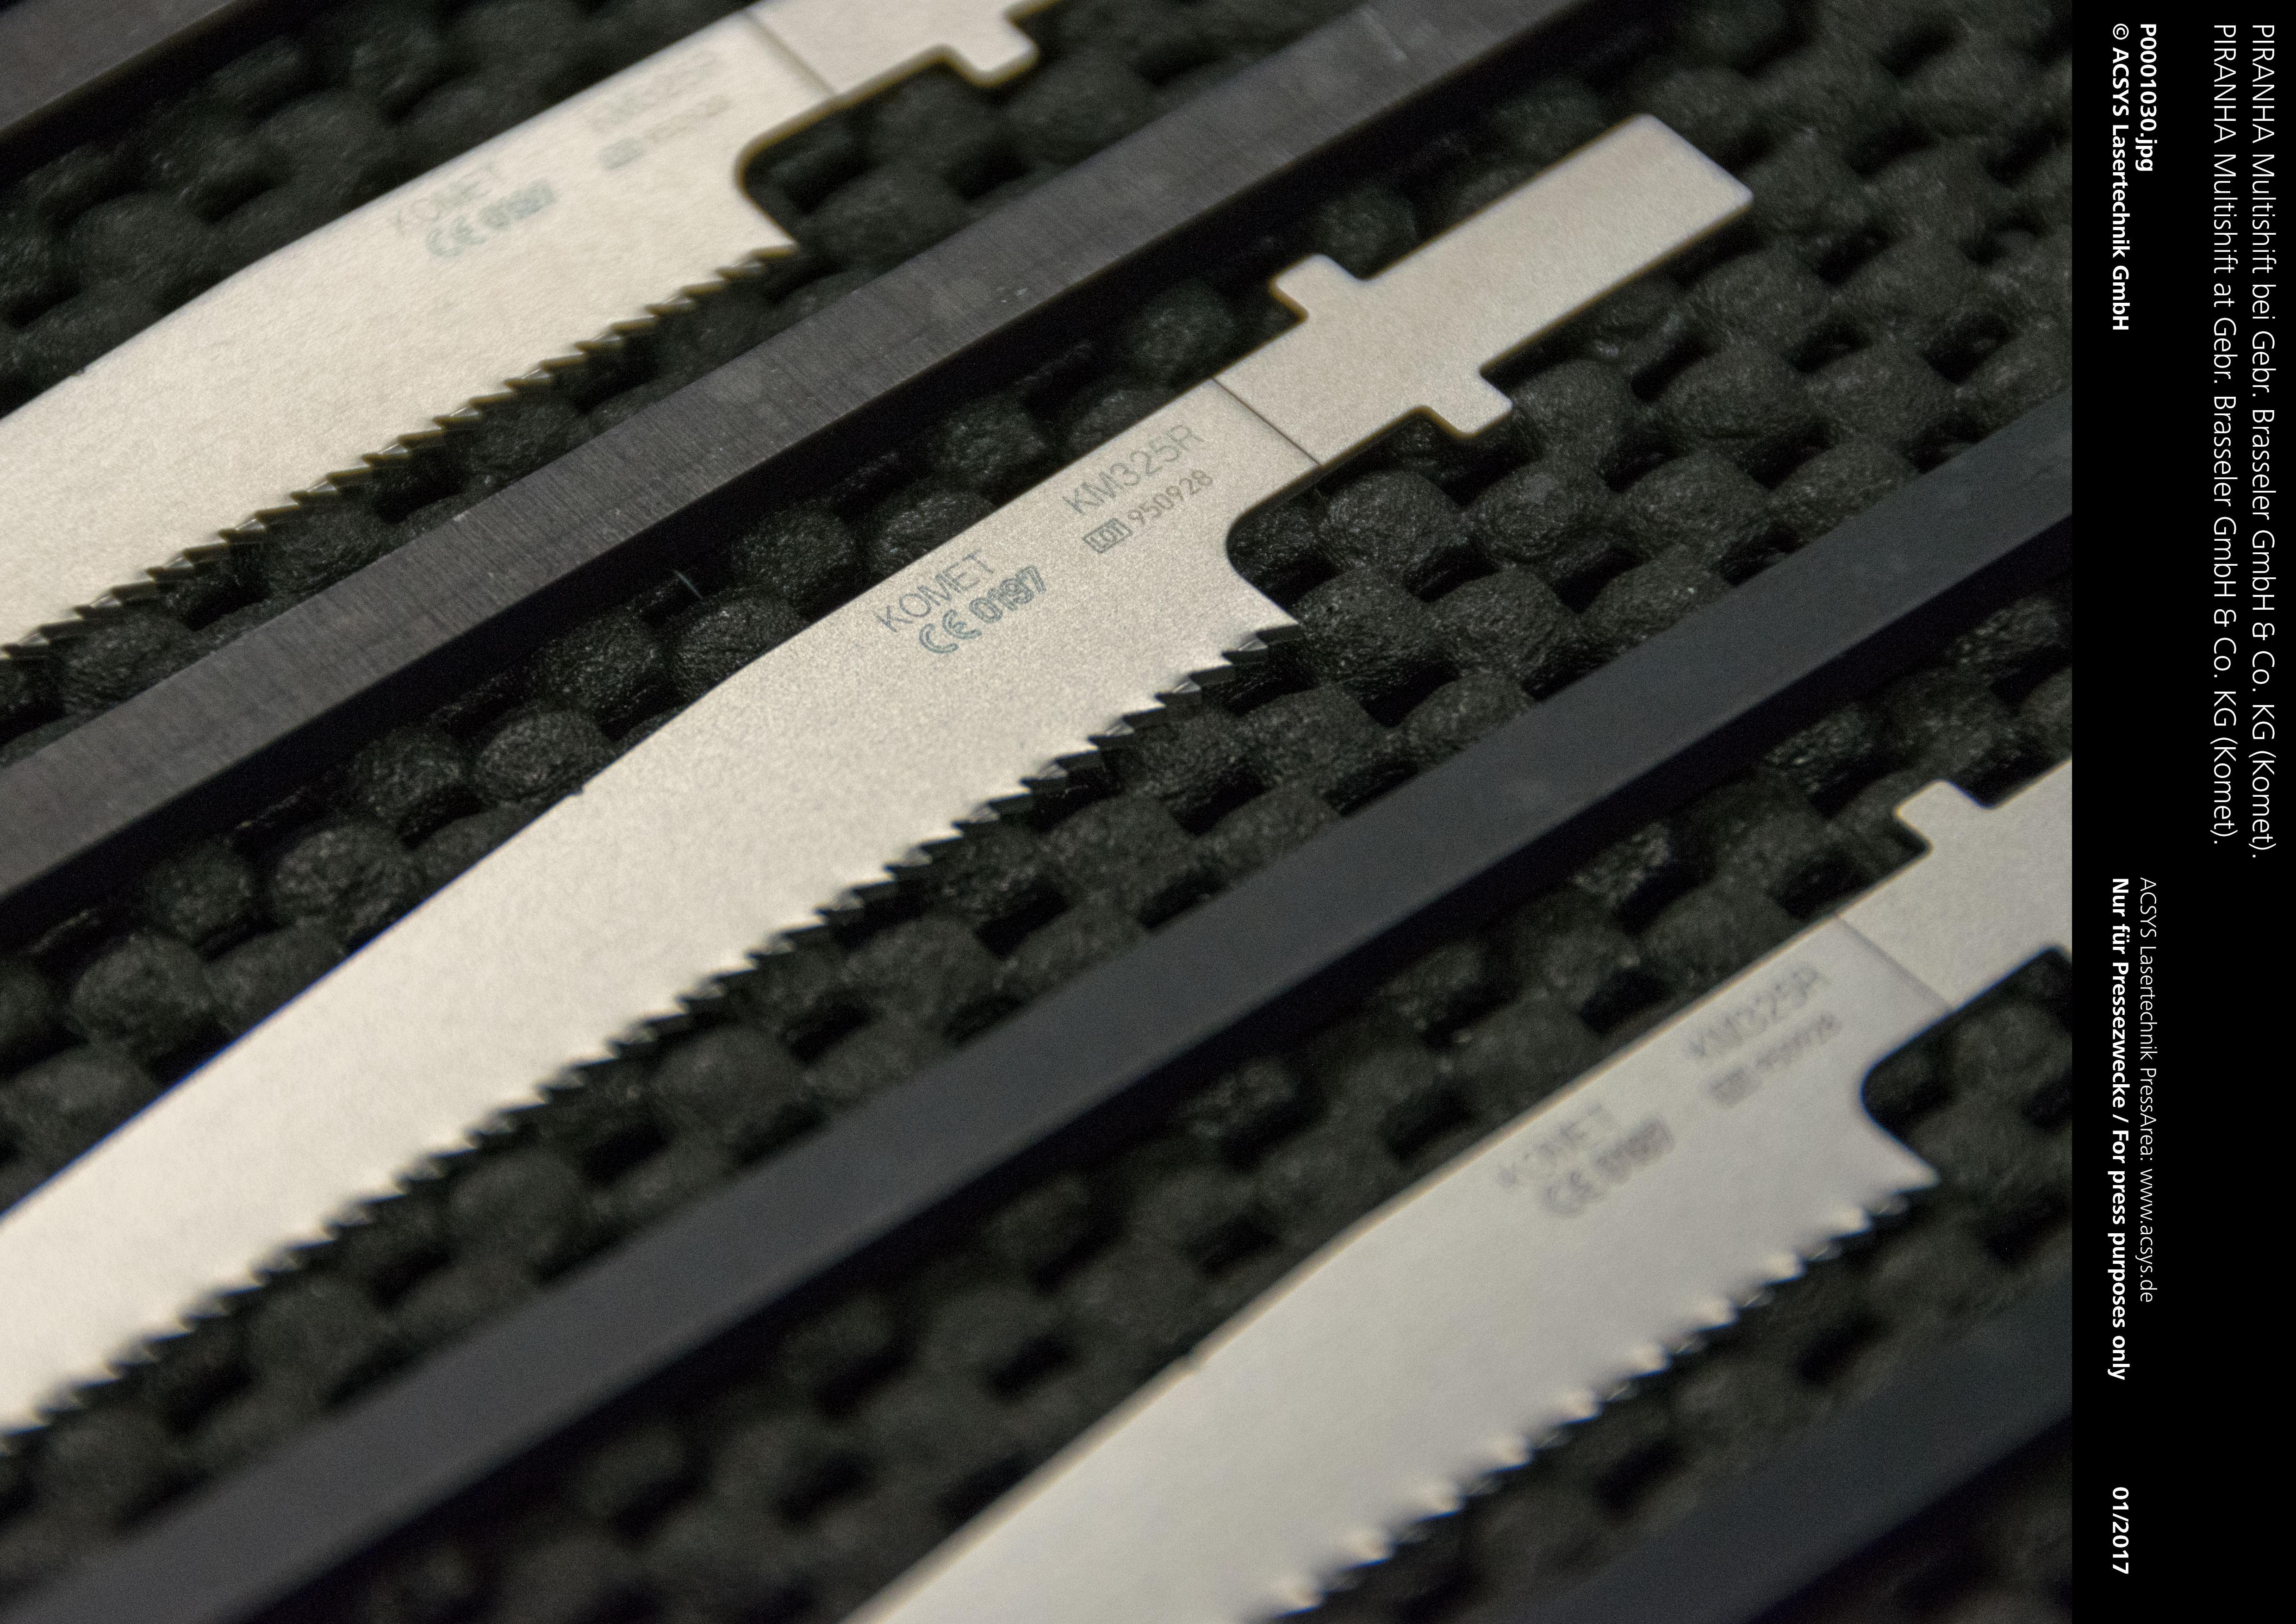 PIRANHA Multishift von ACSYS – Lose eingelegte Sägeblätter nach der Laserbearbeitung.